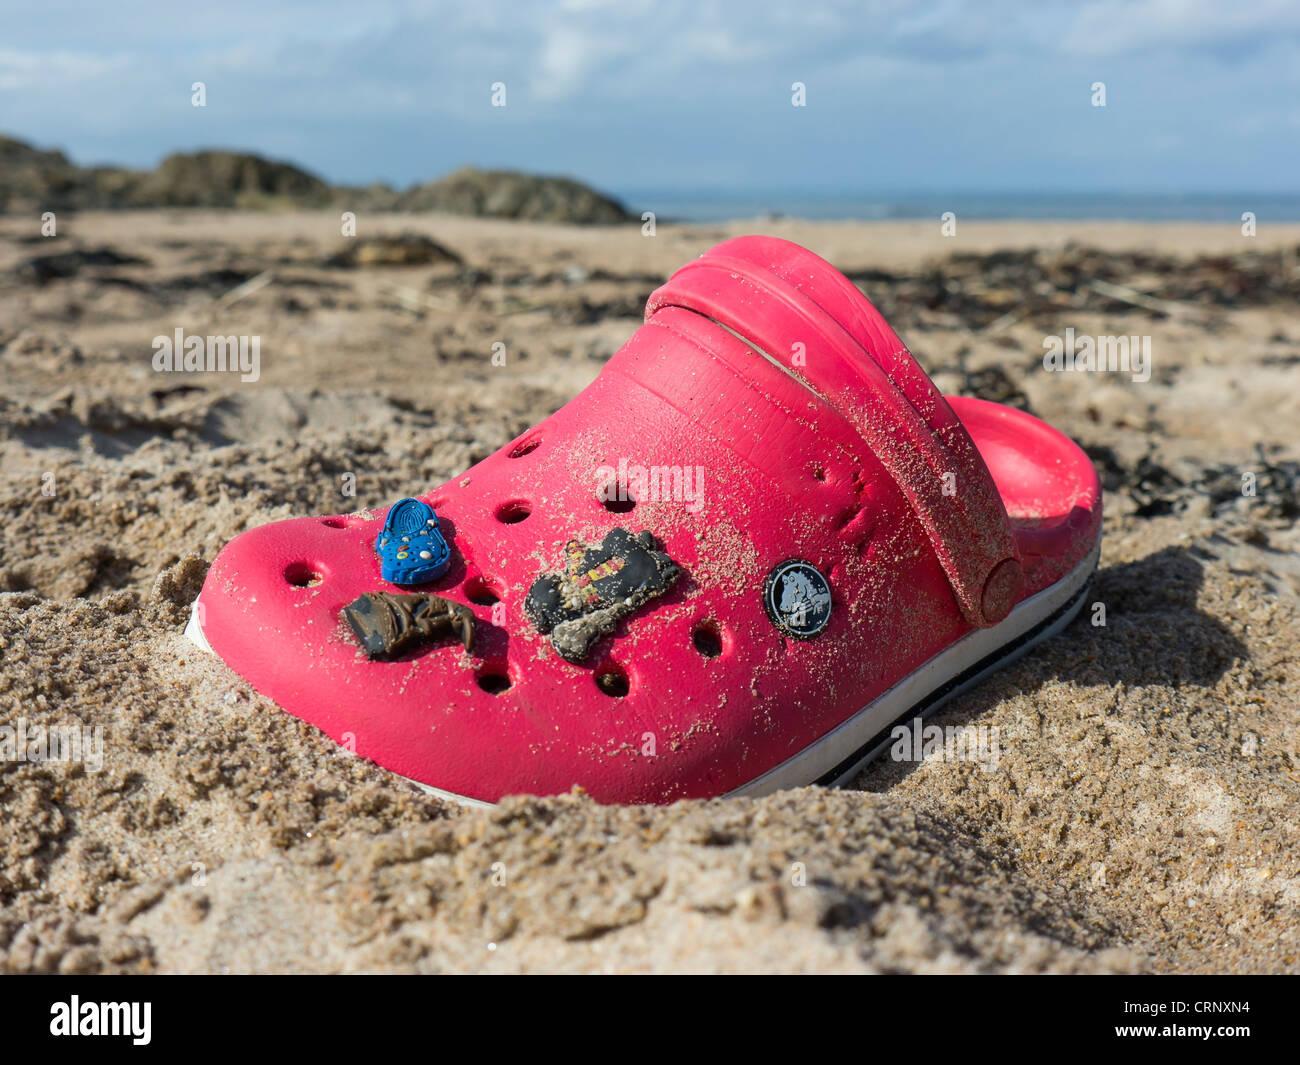 Ein Kind rote Schuh verloren an einem Strand in Schottland. Stockbild